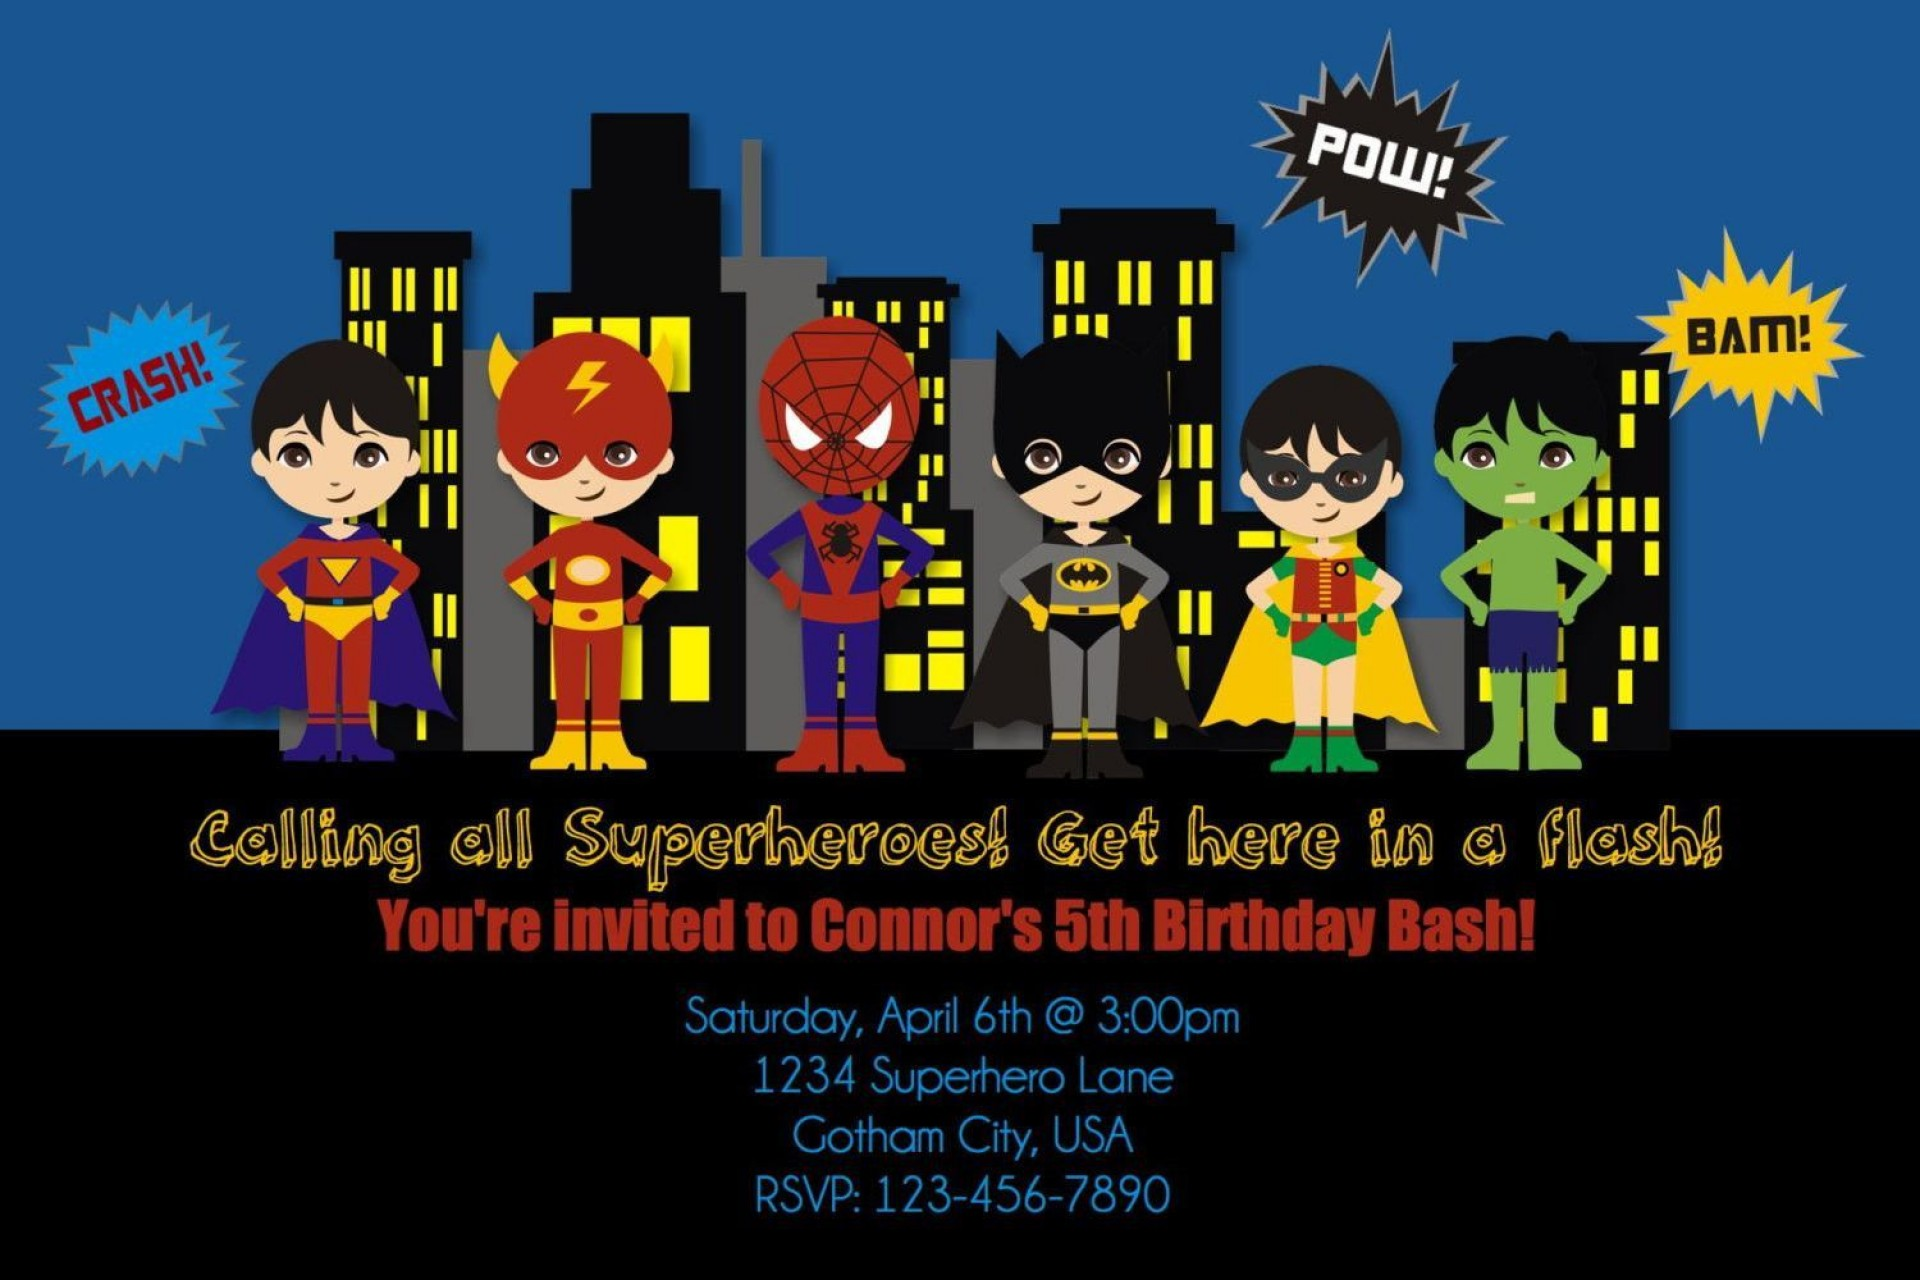 004 Dreaded Superhero Birthday Party Invitation Template Free Concept  Invite1920